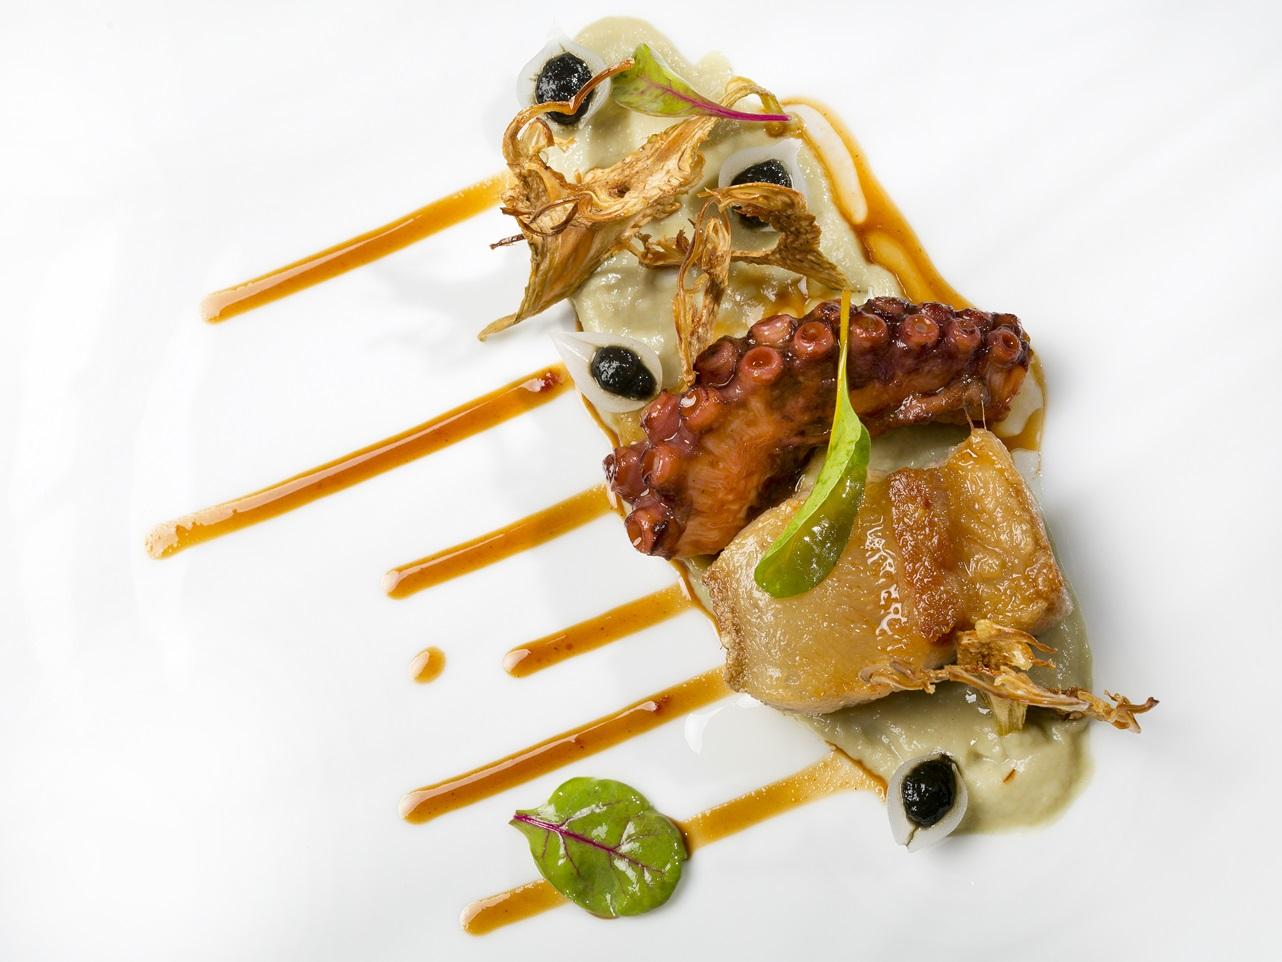 Valencia culinary festival. Pulpo y papada con alcachofas, cebolla encurtida y puré de cebolla caramelizada. Manuel Alonso y Mikael Svensson